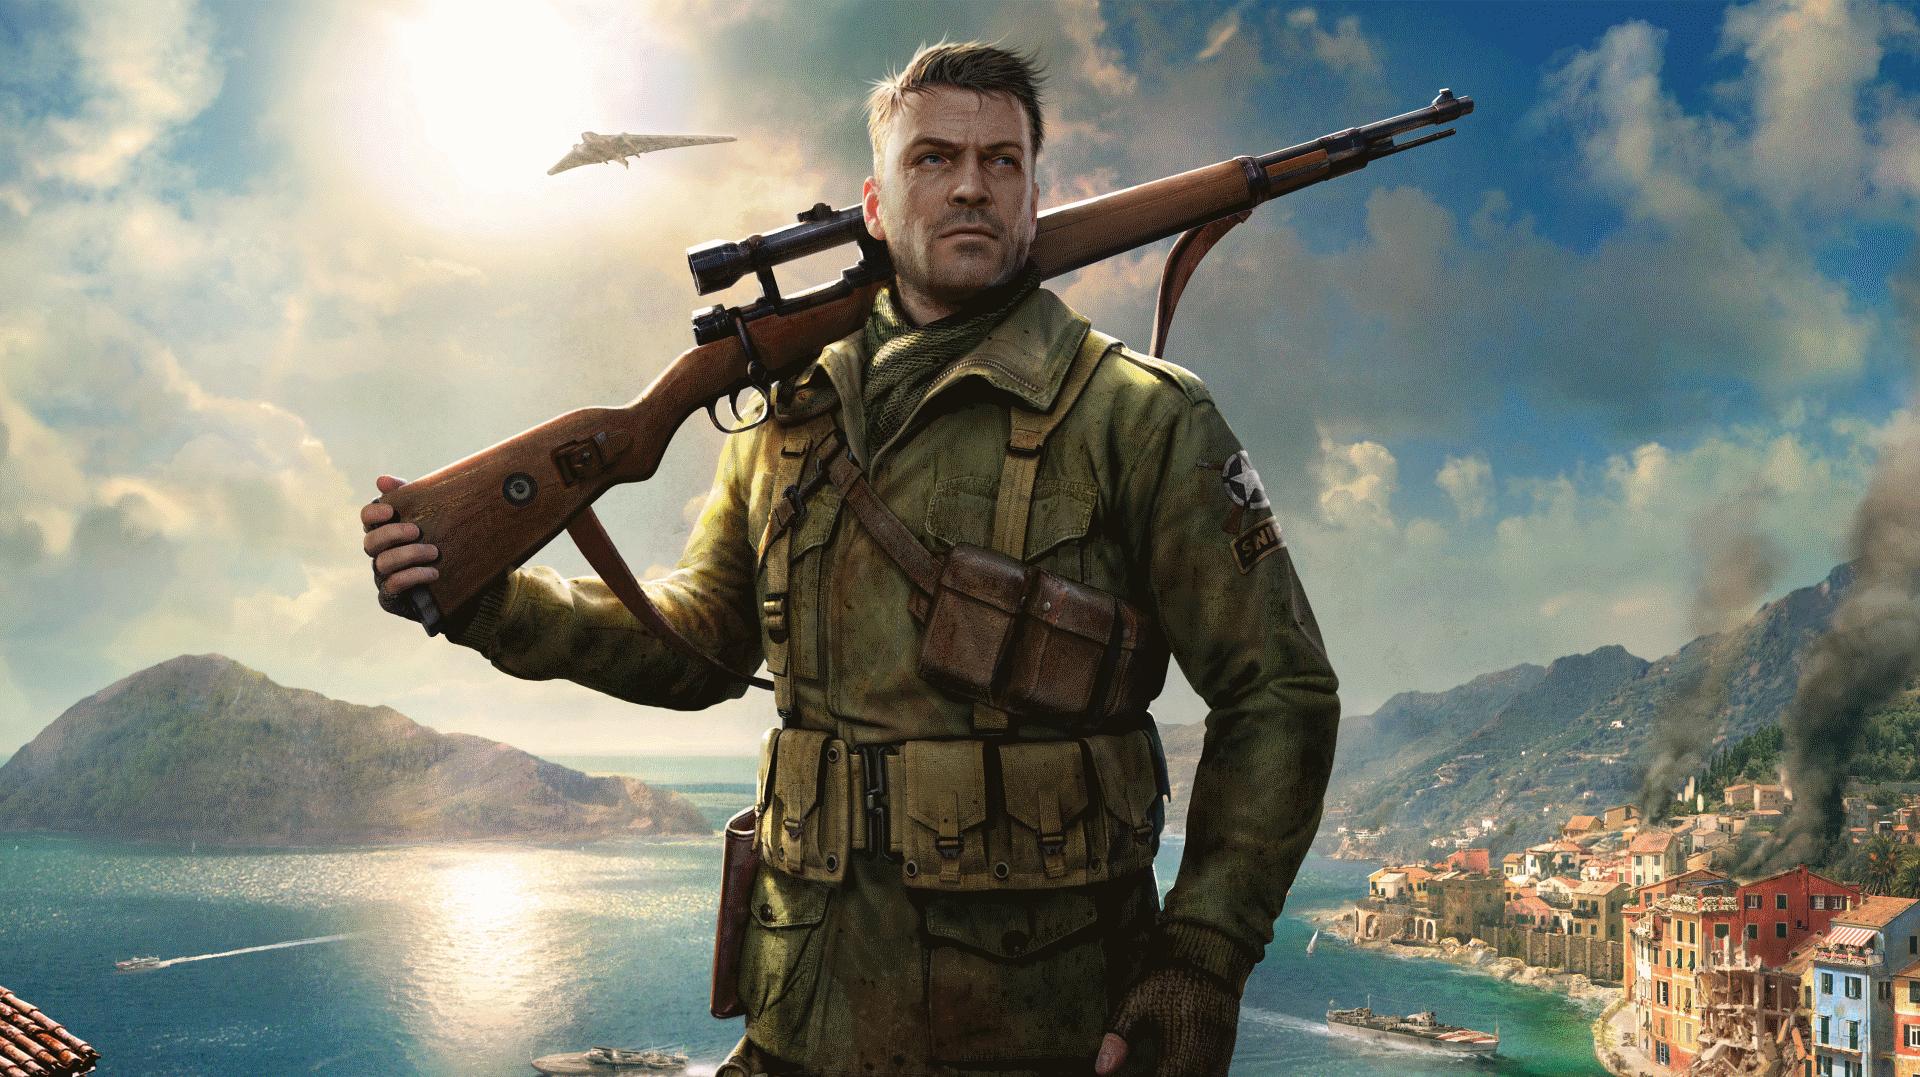 Sniper Elite développeur Rebellion a Switch jeux en cours d'élaboration